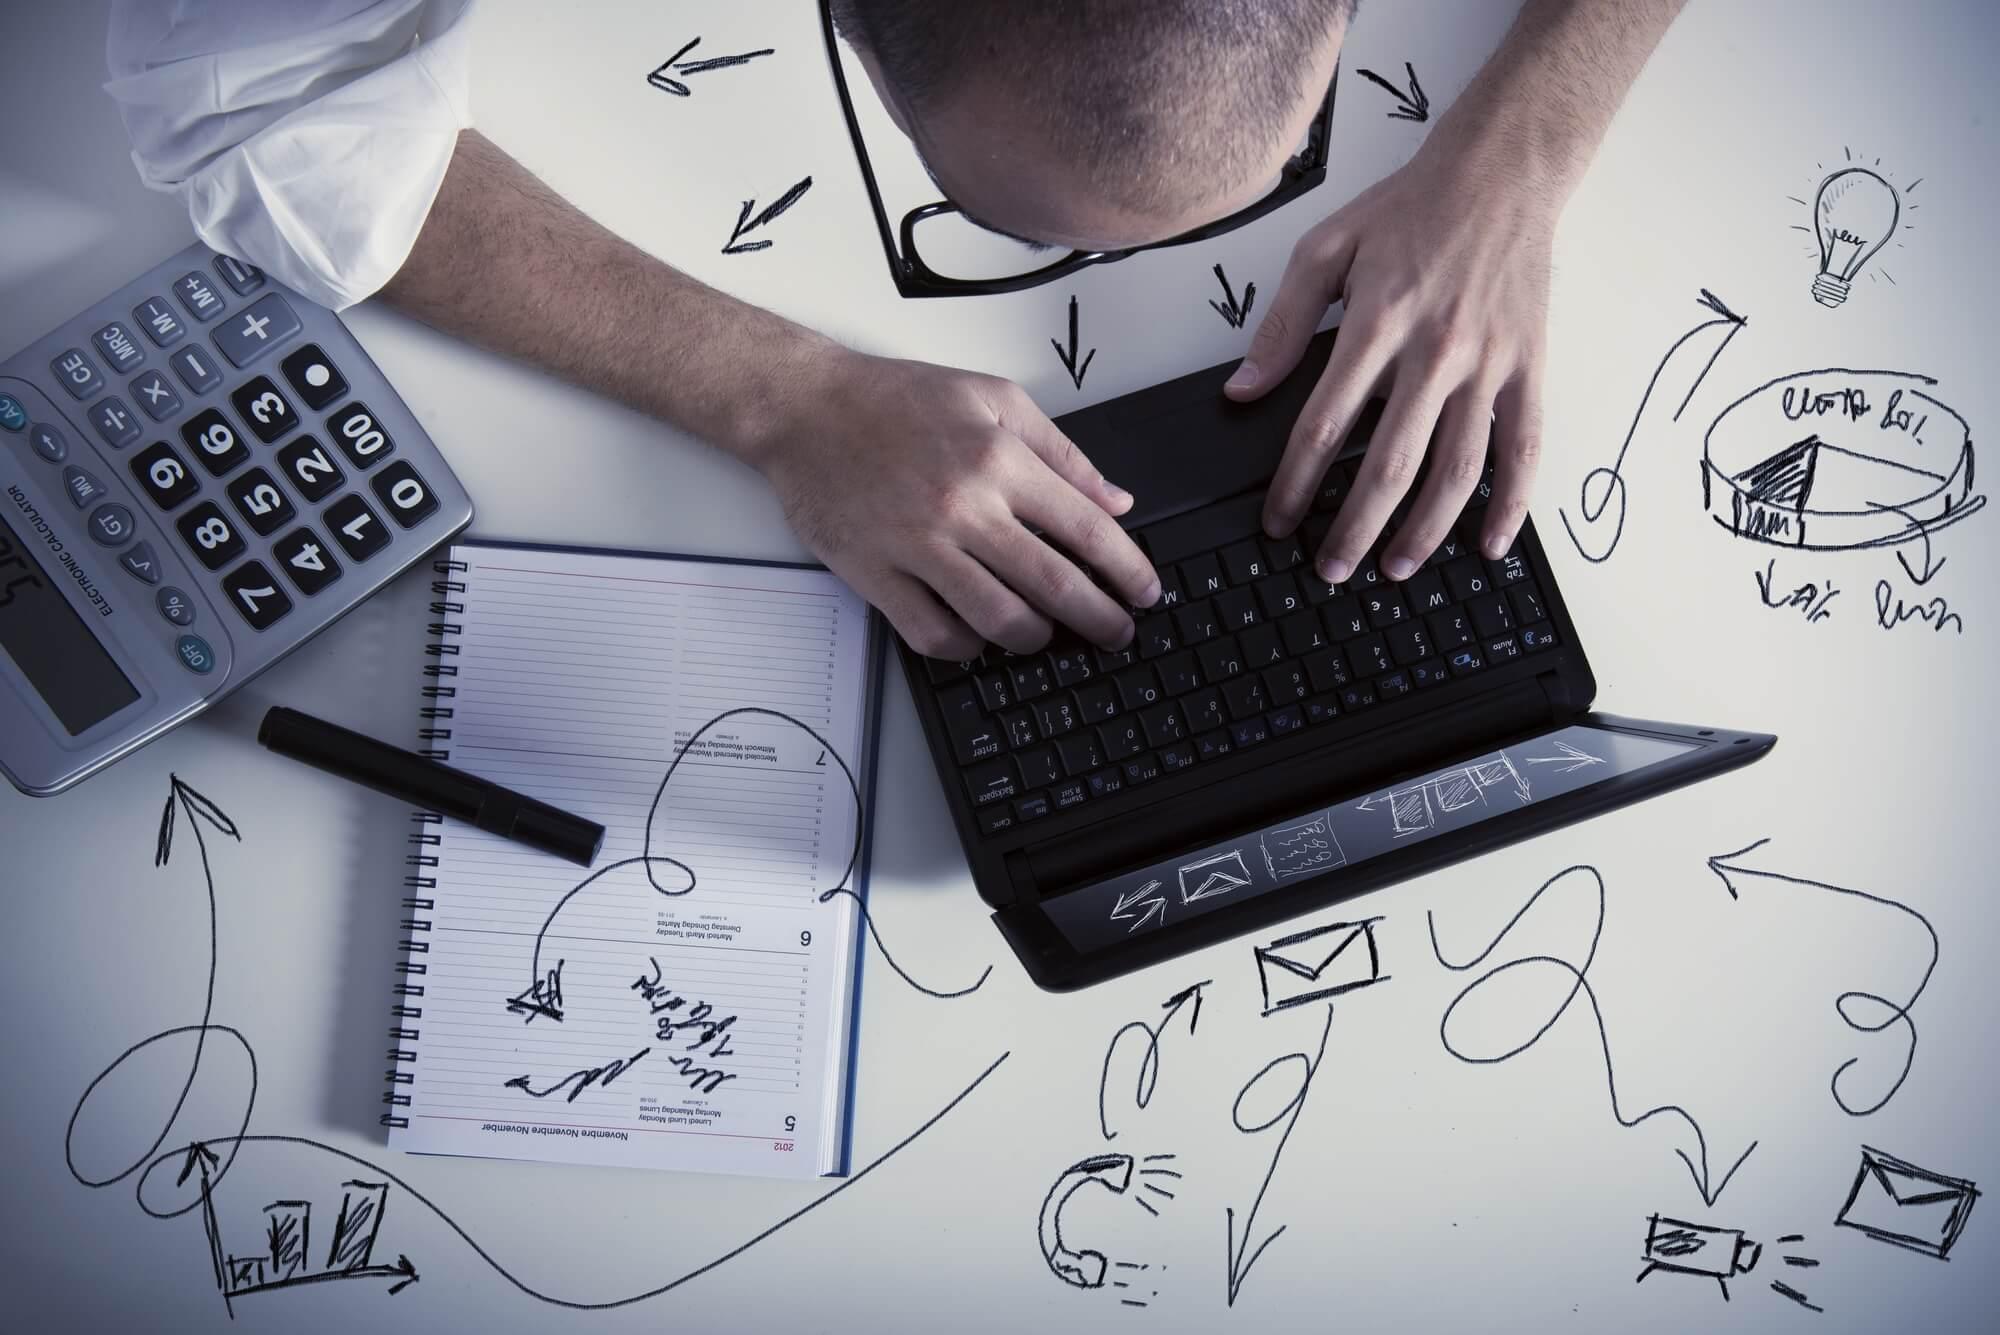 businessman multitasking at work